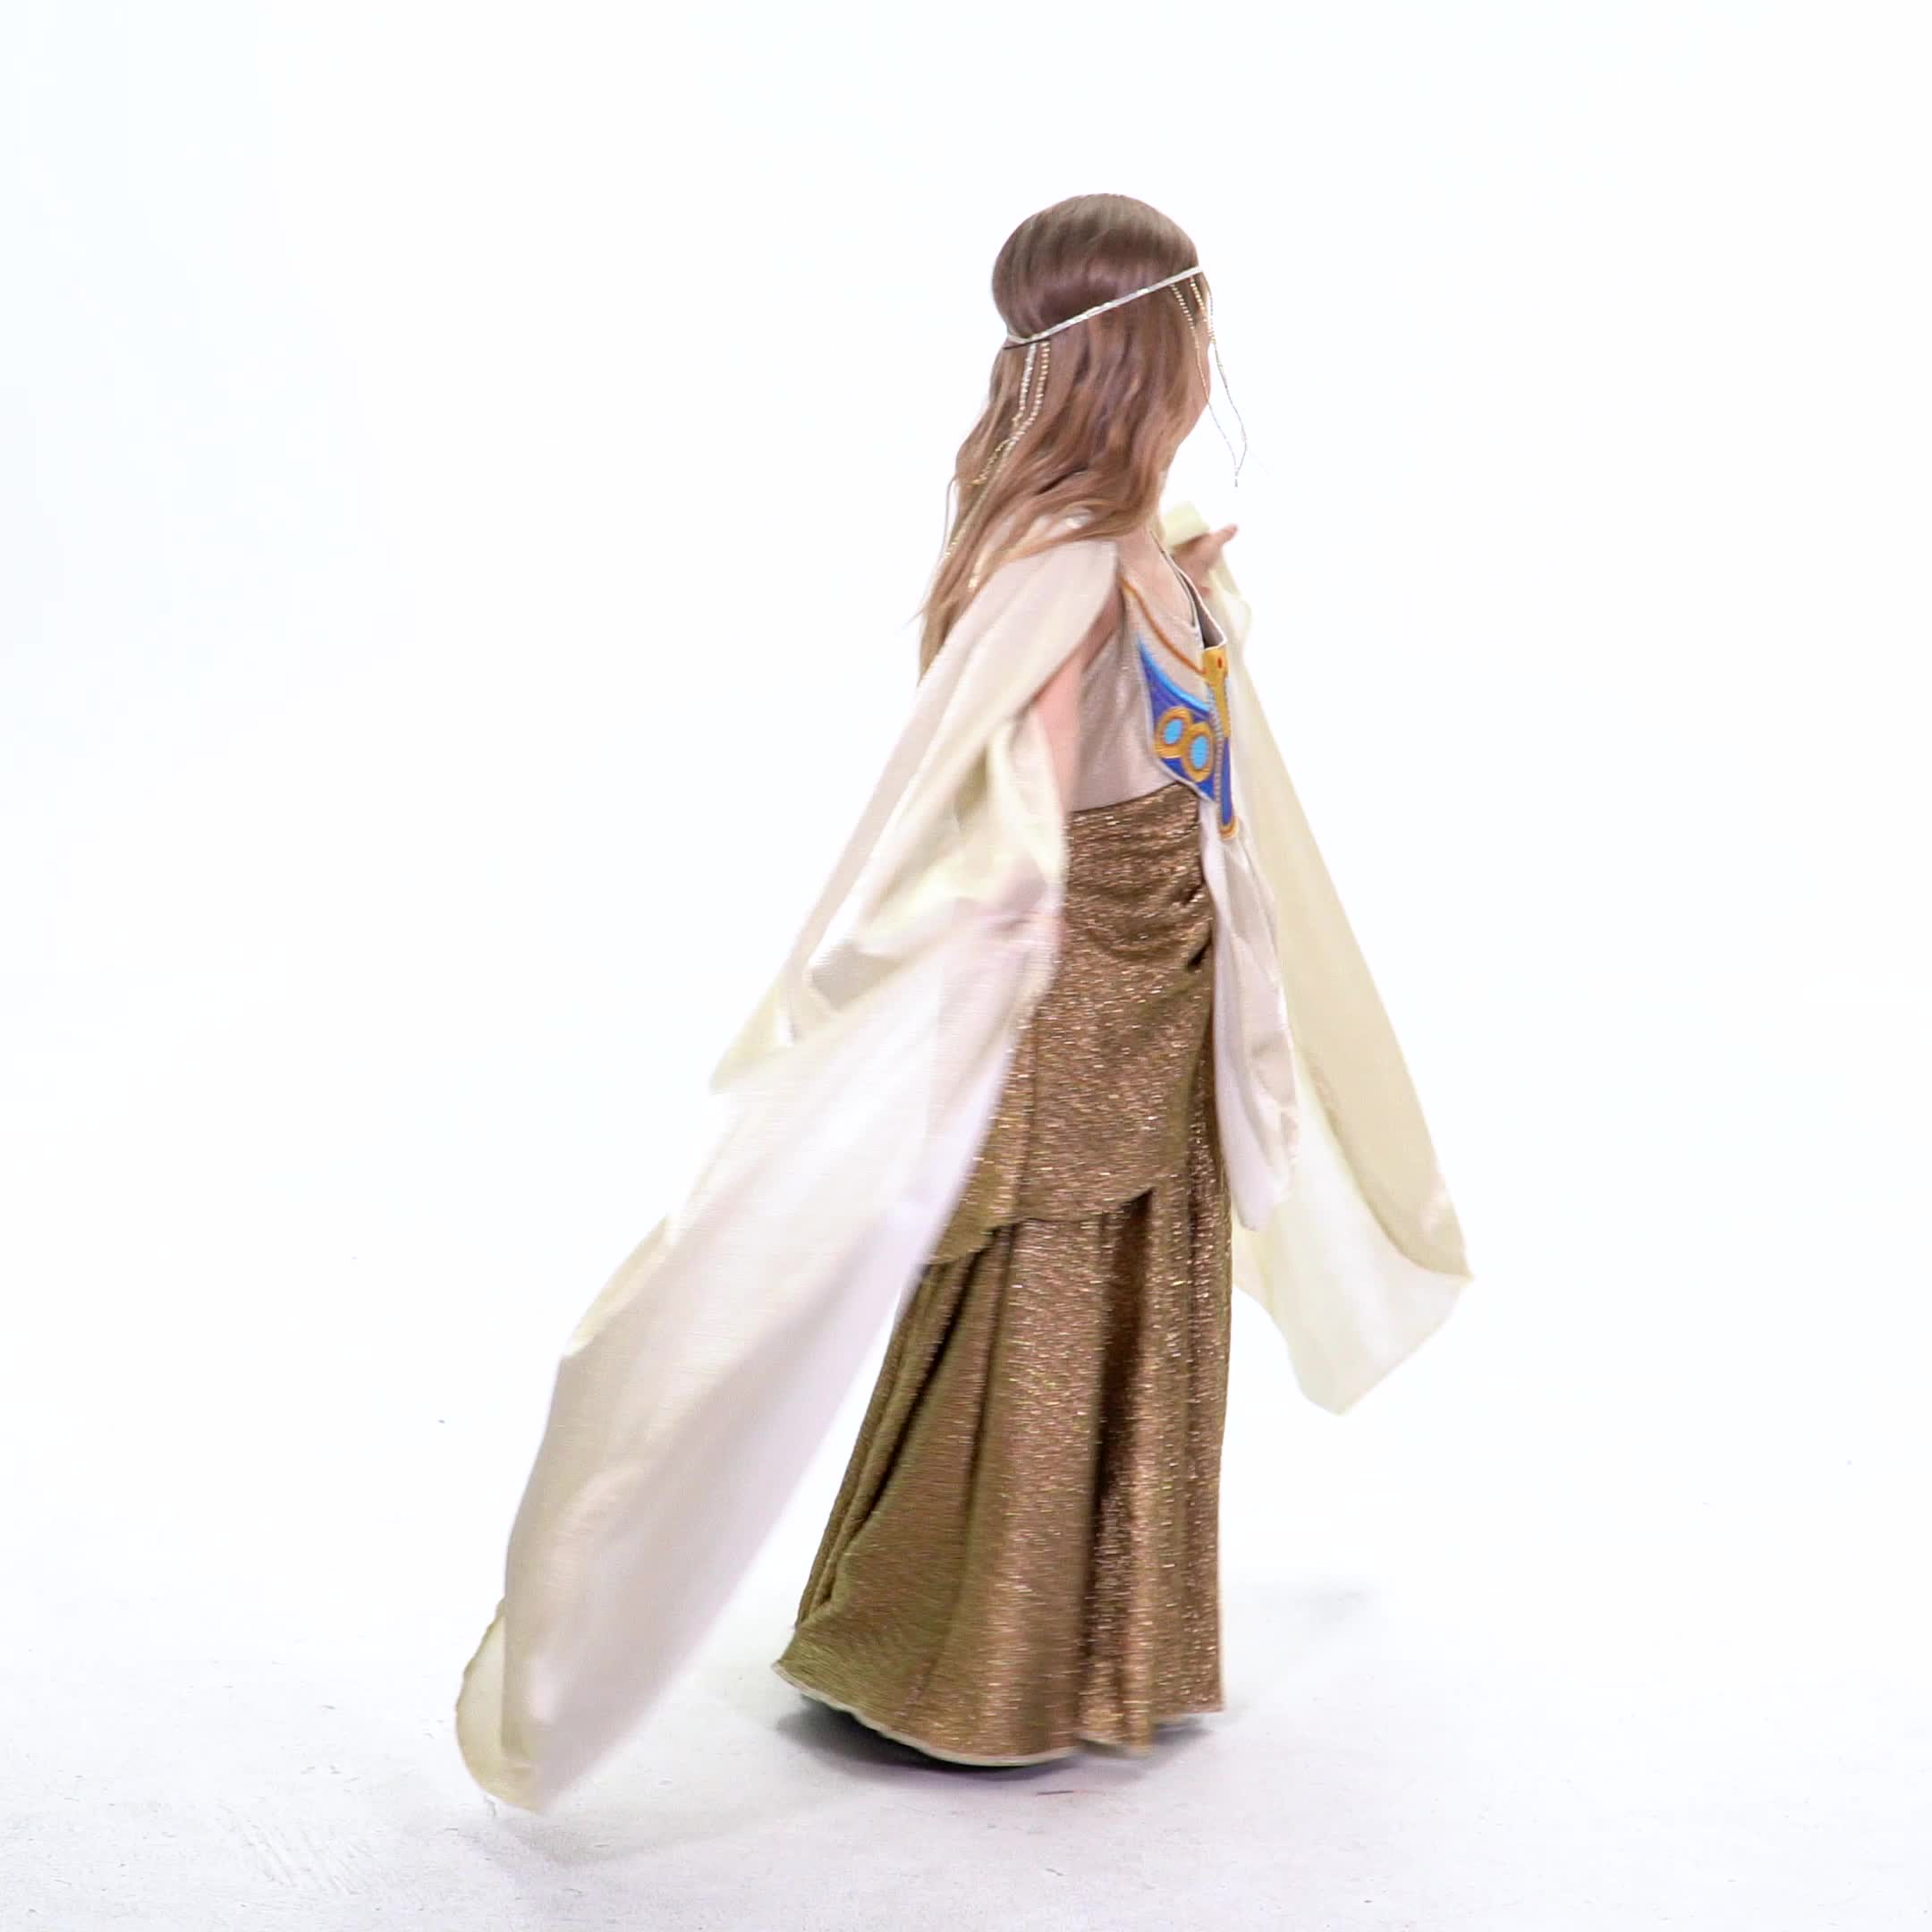 Mejor de los niños halloween traje de Carnaval 2019 niñas vestido trajes Atenea diosa cosplay vestido de ropa para niñas